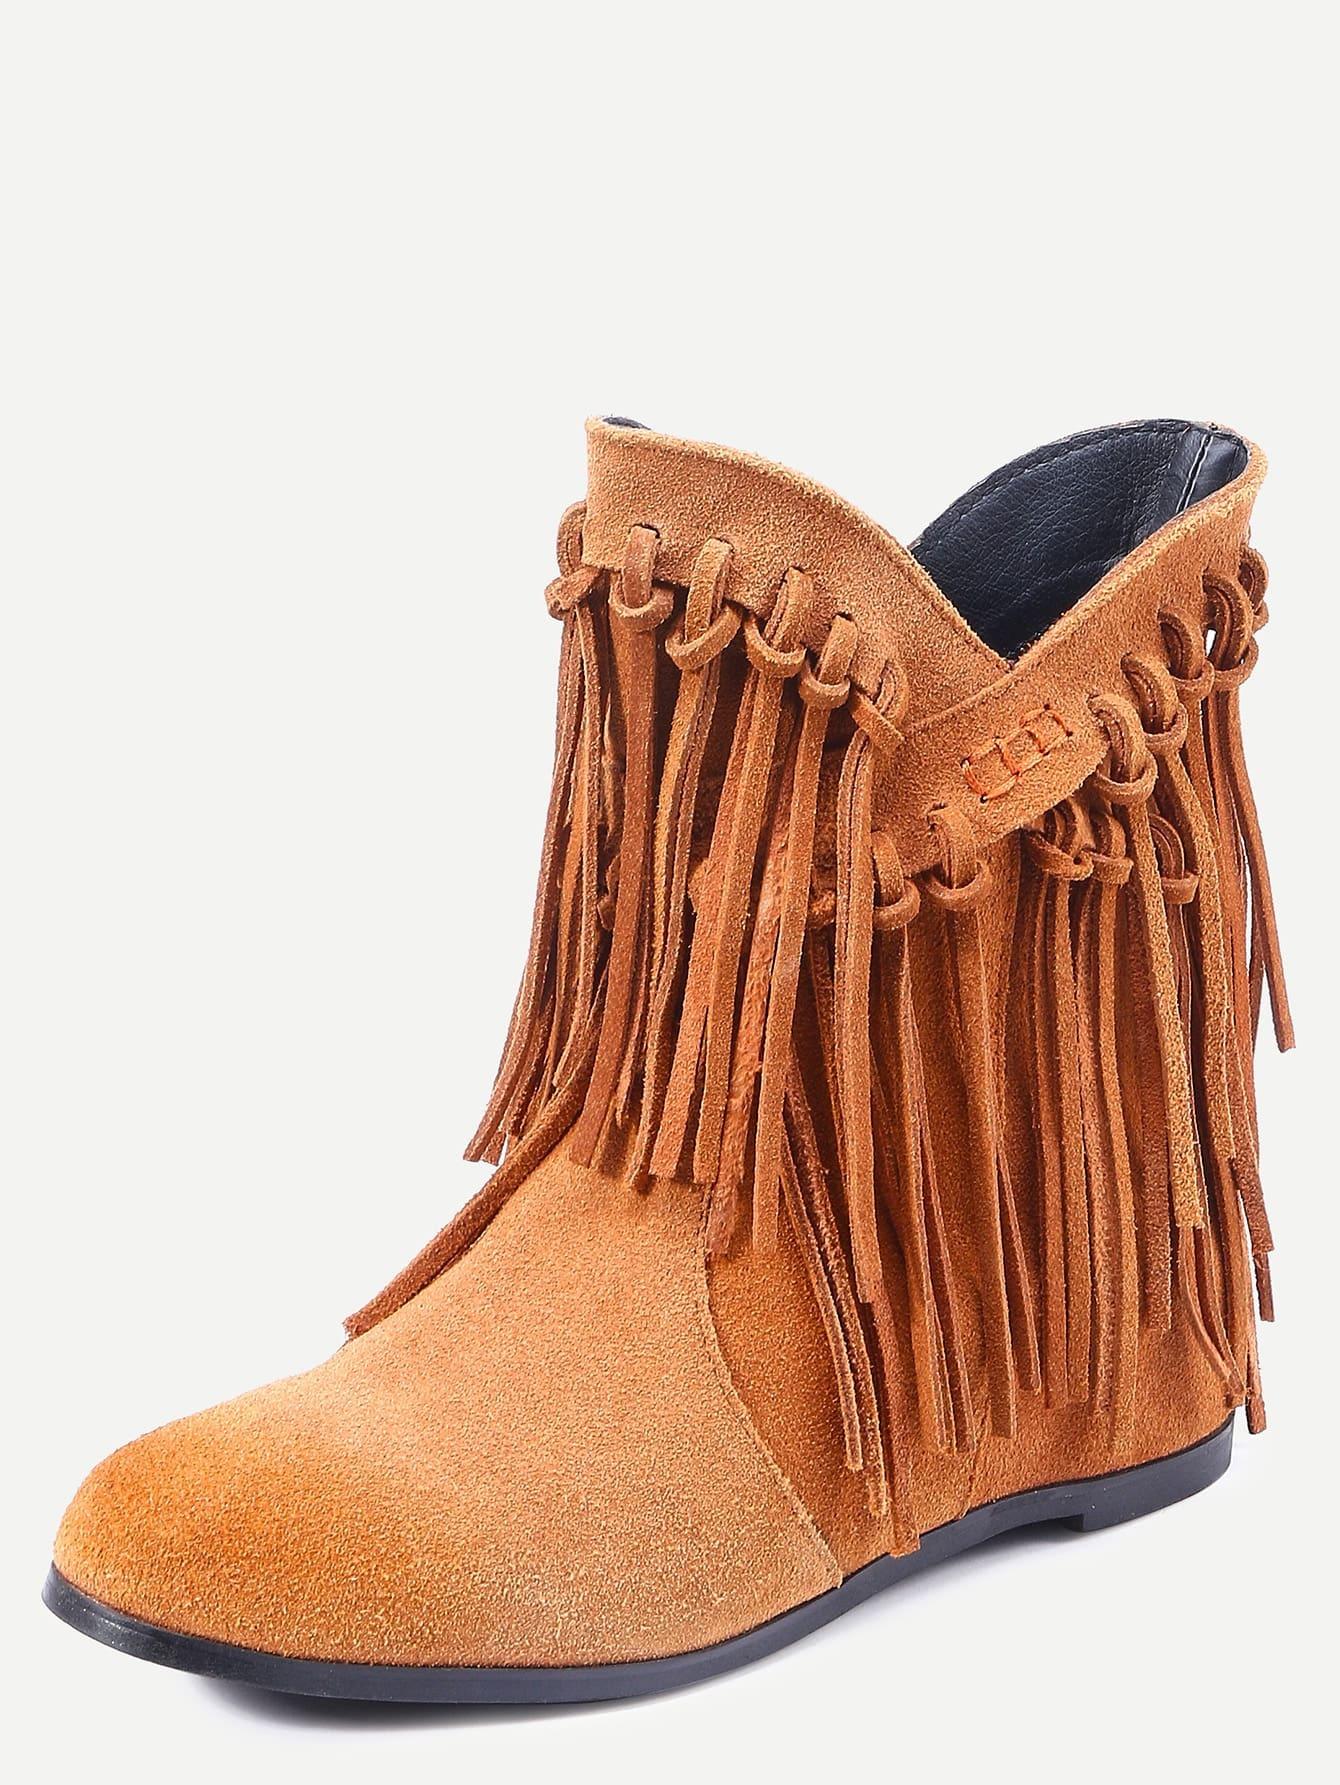 shoes160826809_2